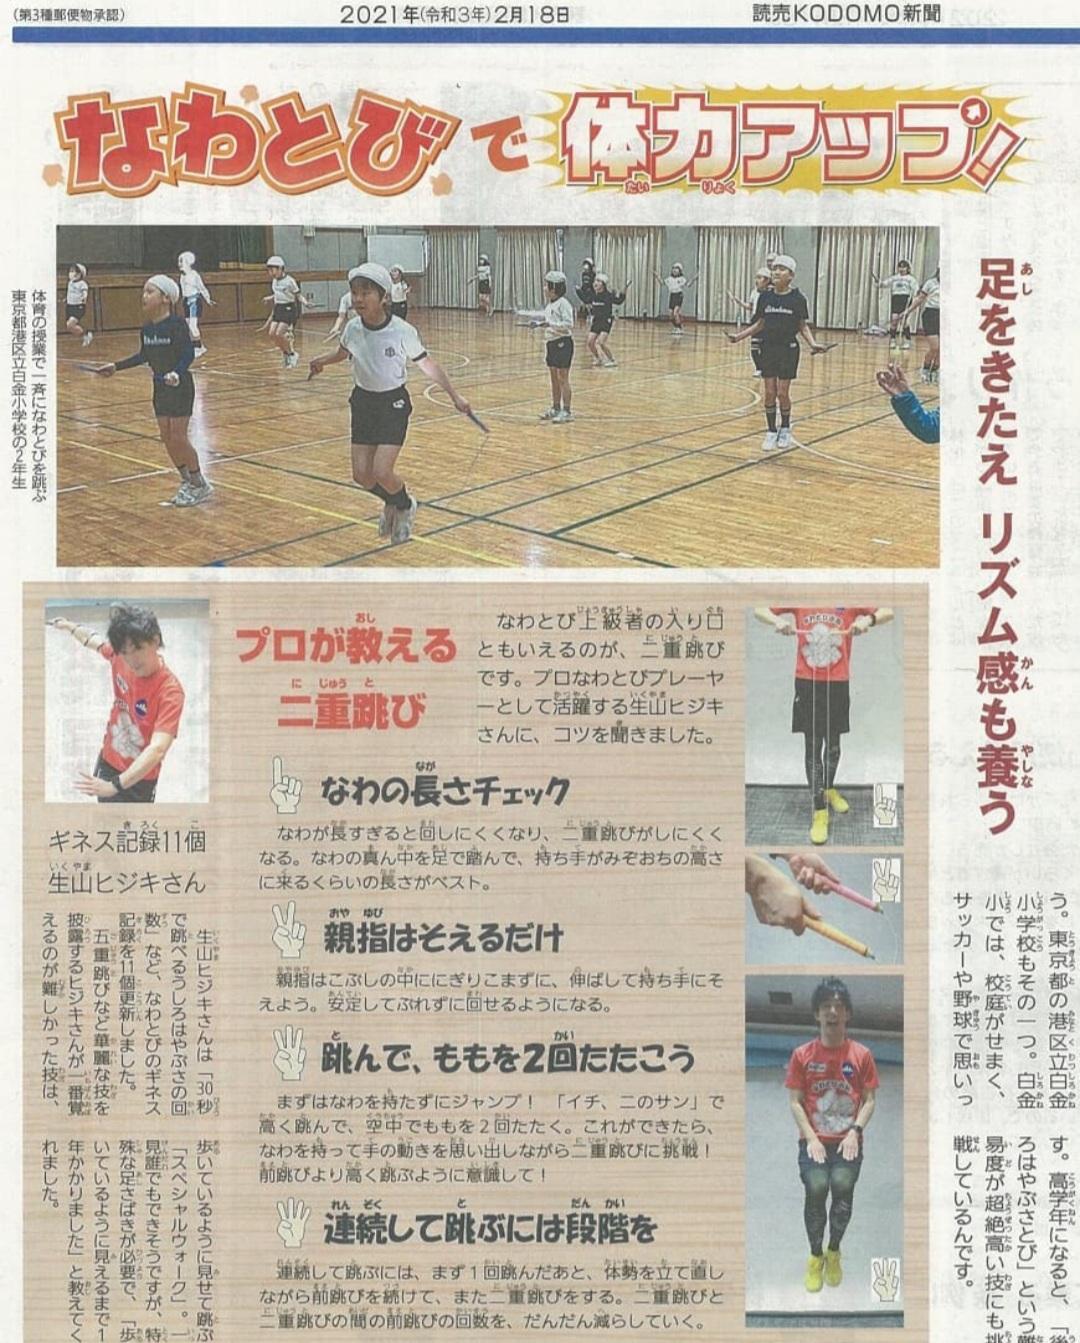 「読売KODOMO新聞」掲載